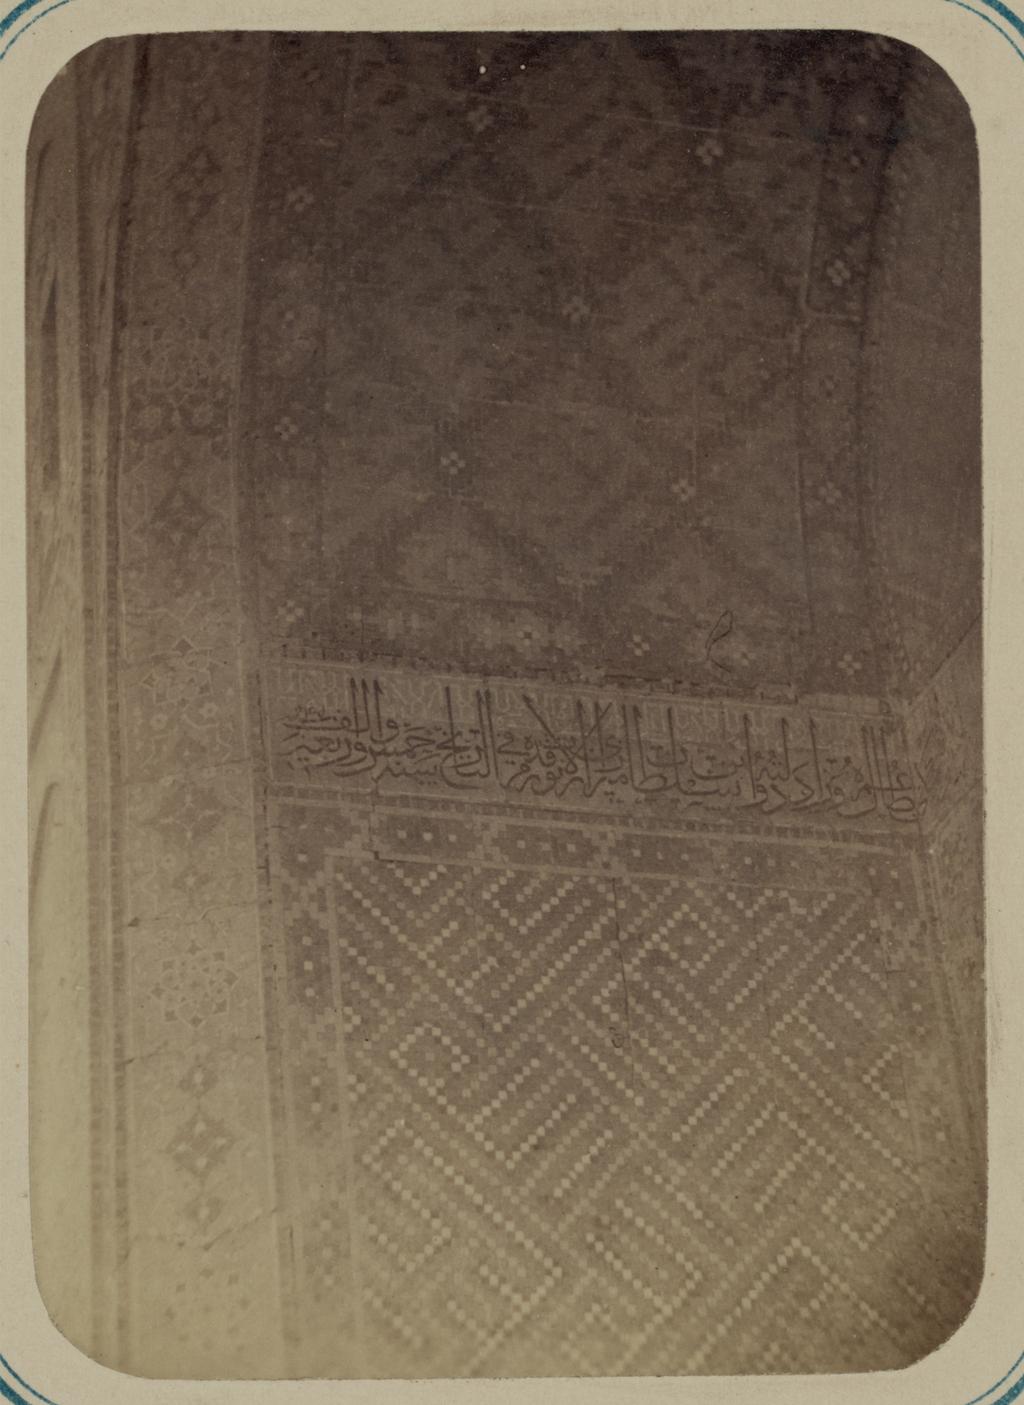 Медресе Надир Диван-Беги, соборная мечеть (мечеть джами). Конец